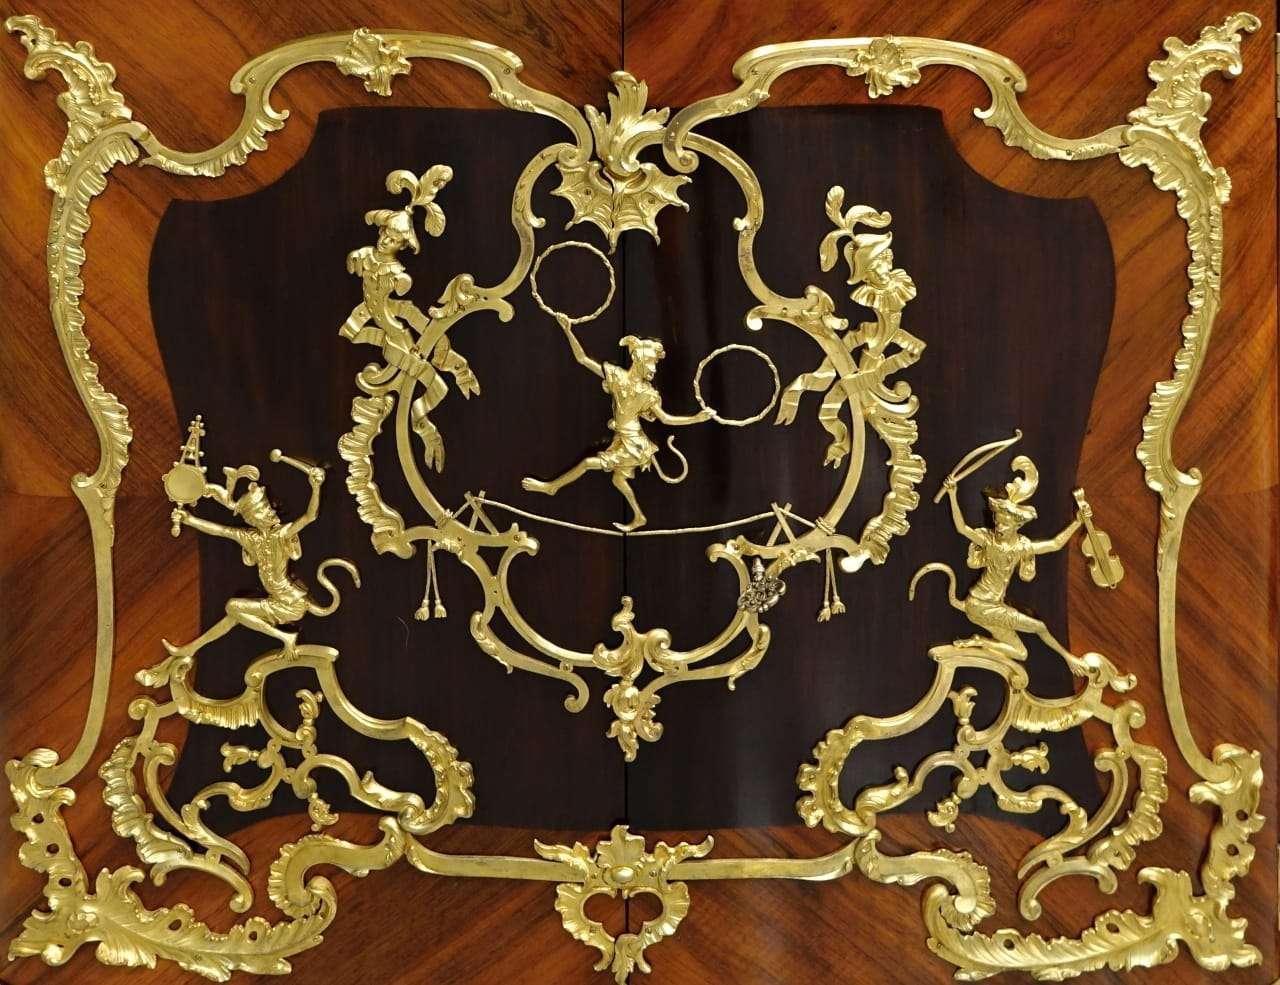 La Credenza In Tedesco : Staffa laterale legno radica console credenza di teak tavolo da